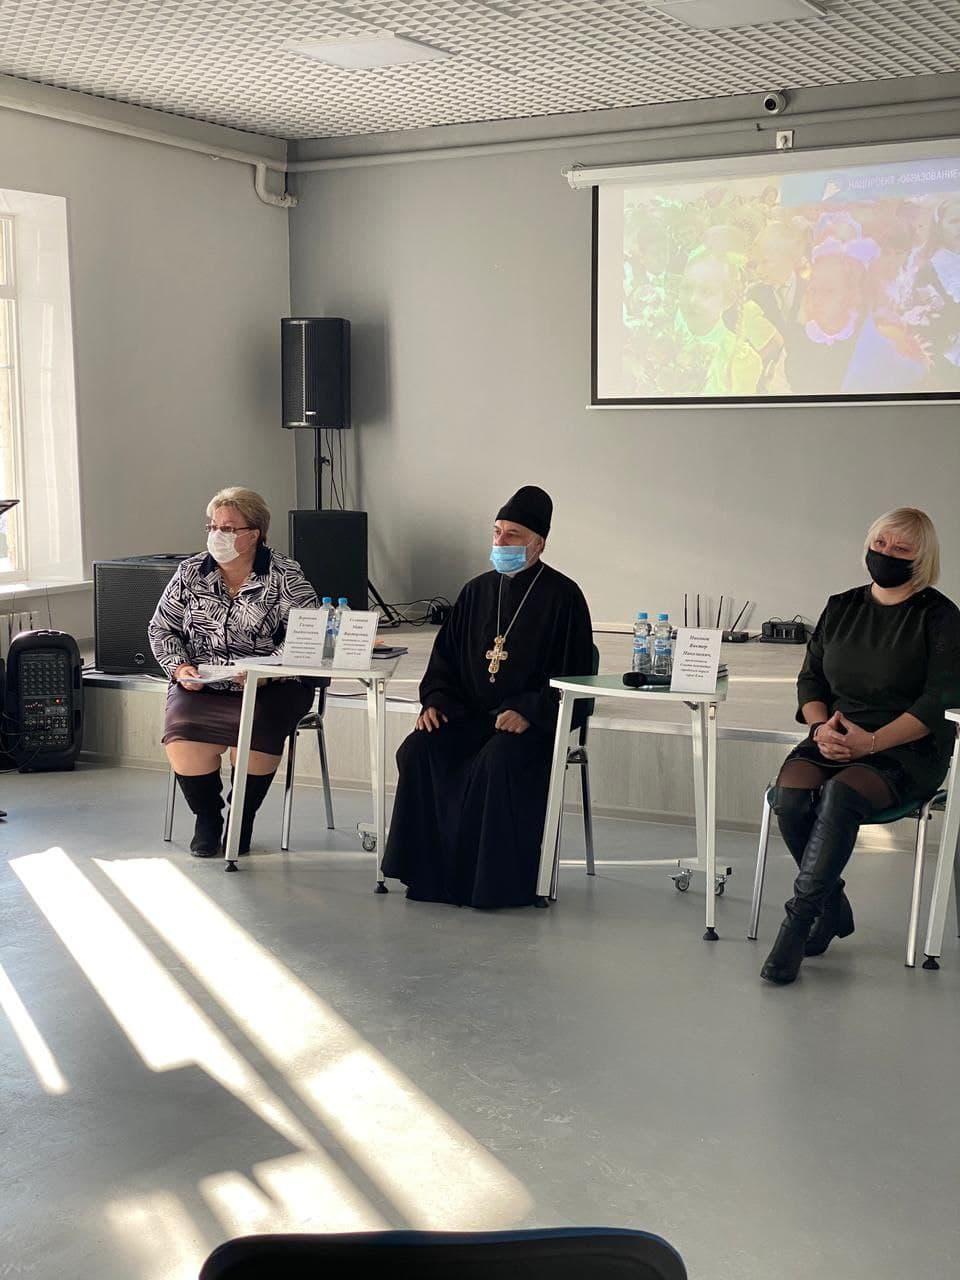 Благочинный г. Ельца принял участие в итоговом заседании коллегии управления образования города